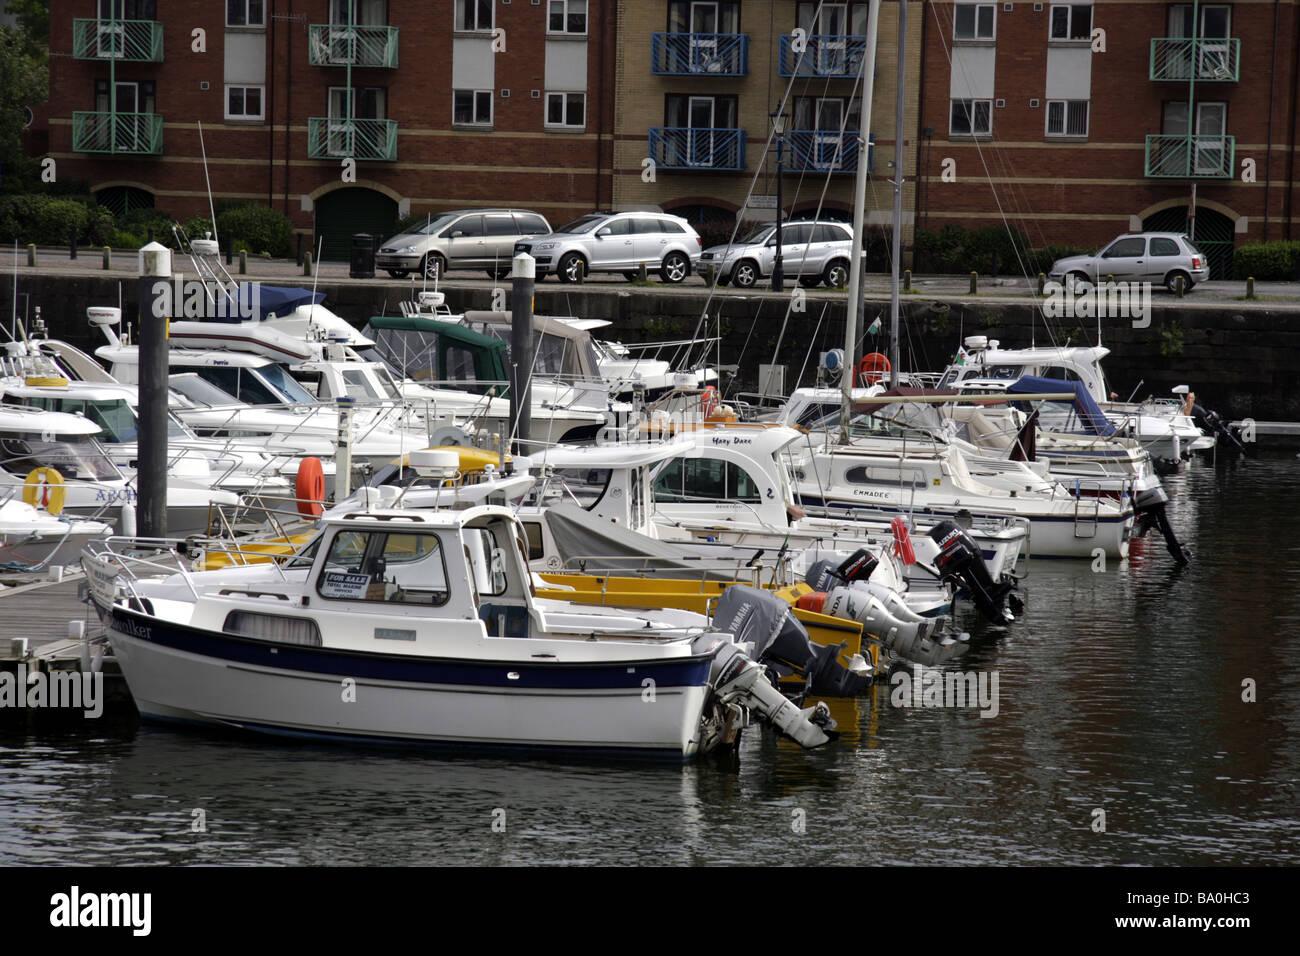 Les bateaux de plaisance amarrés dans le port de plaisance de Swansea Photo Stock